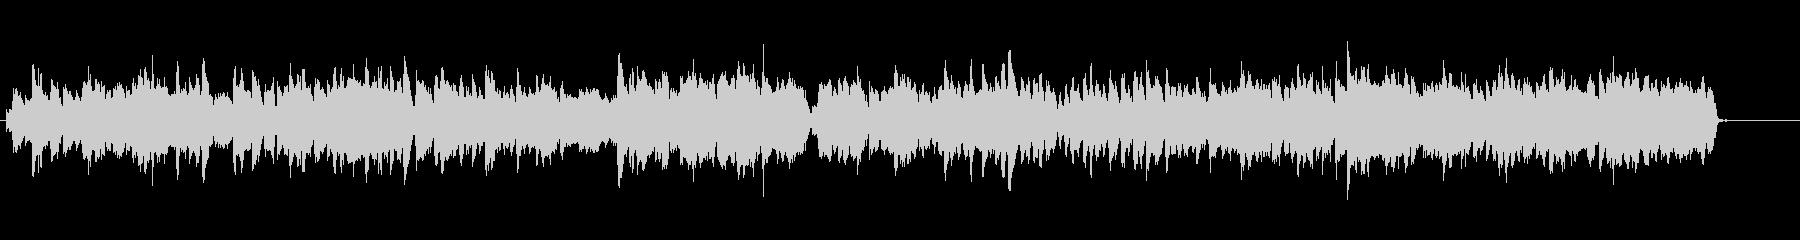 弦楽とピアノの四重奏、中世の感じの未再生の波形